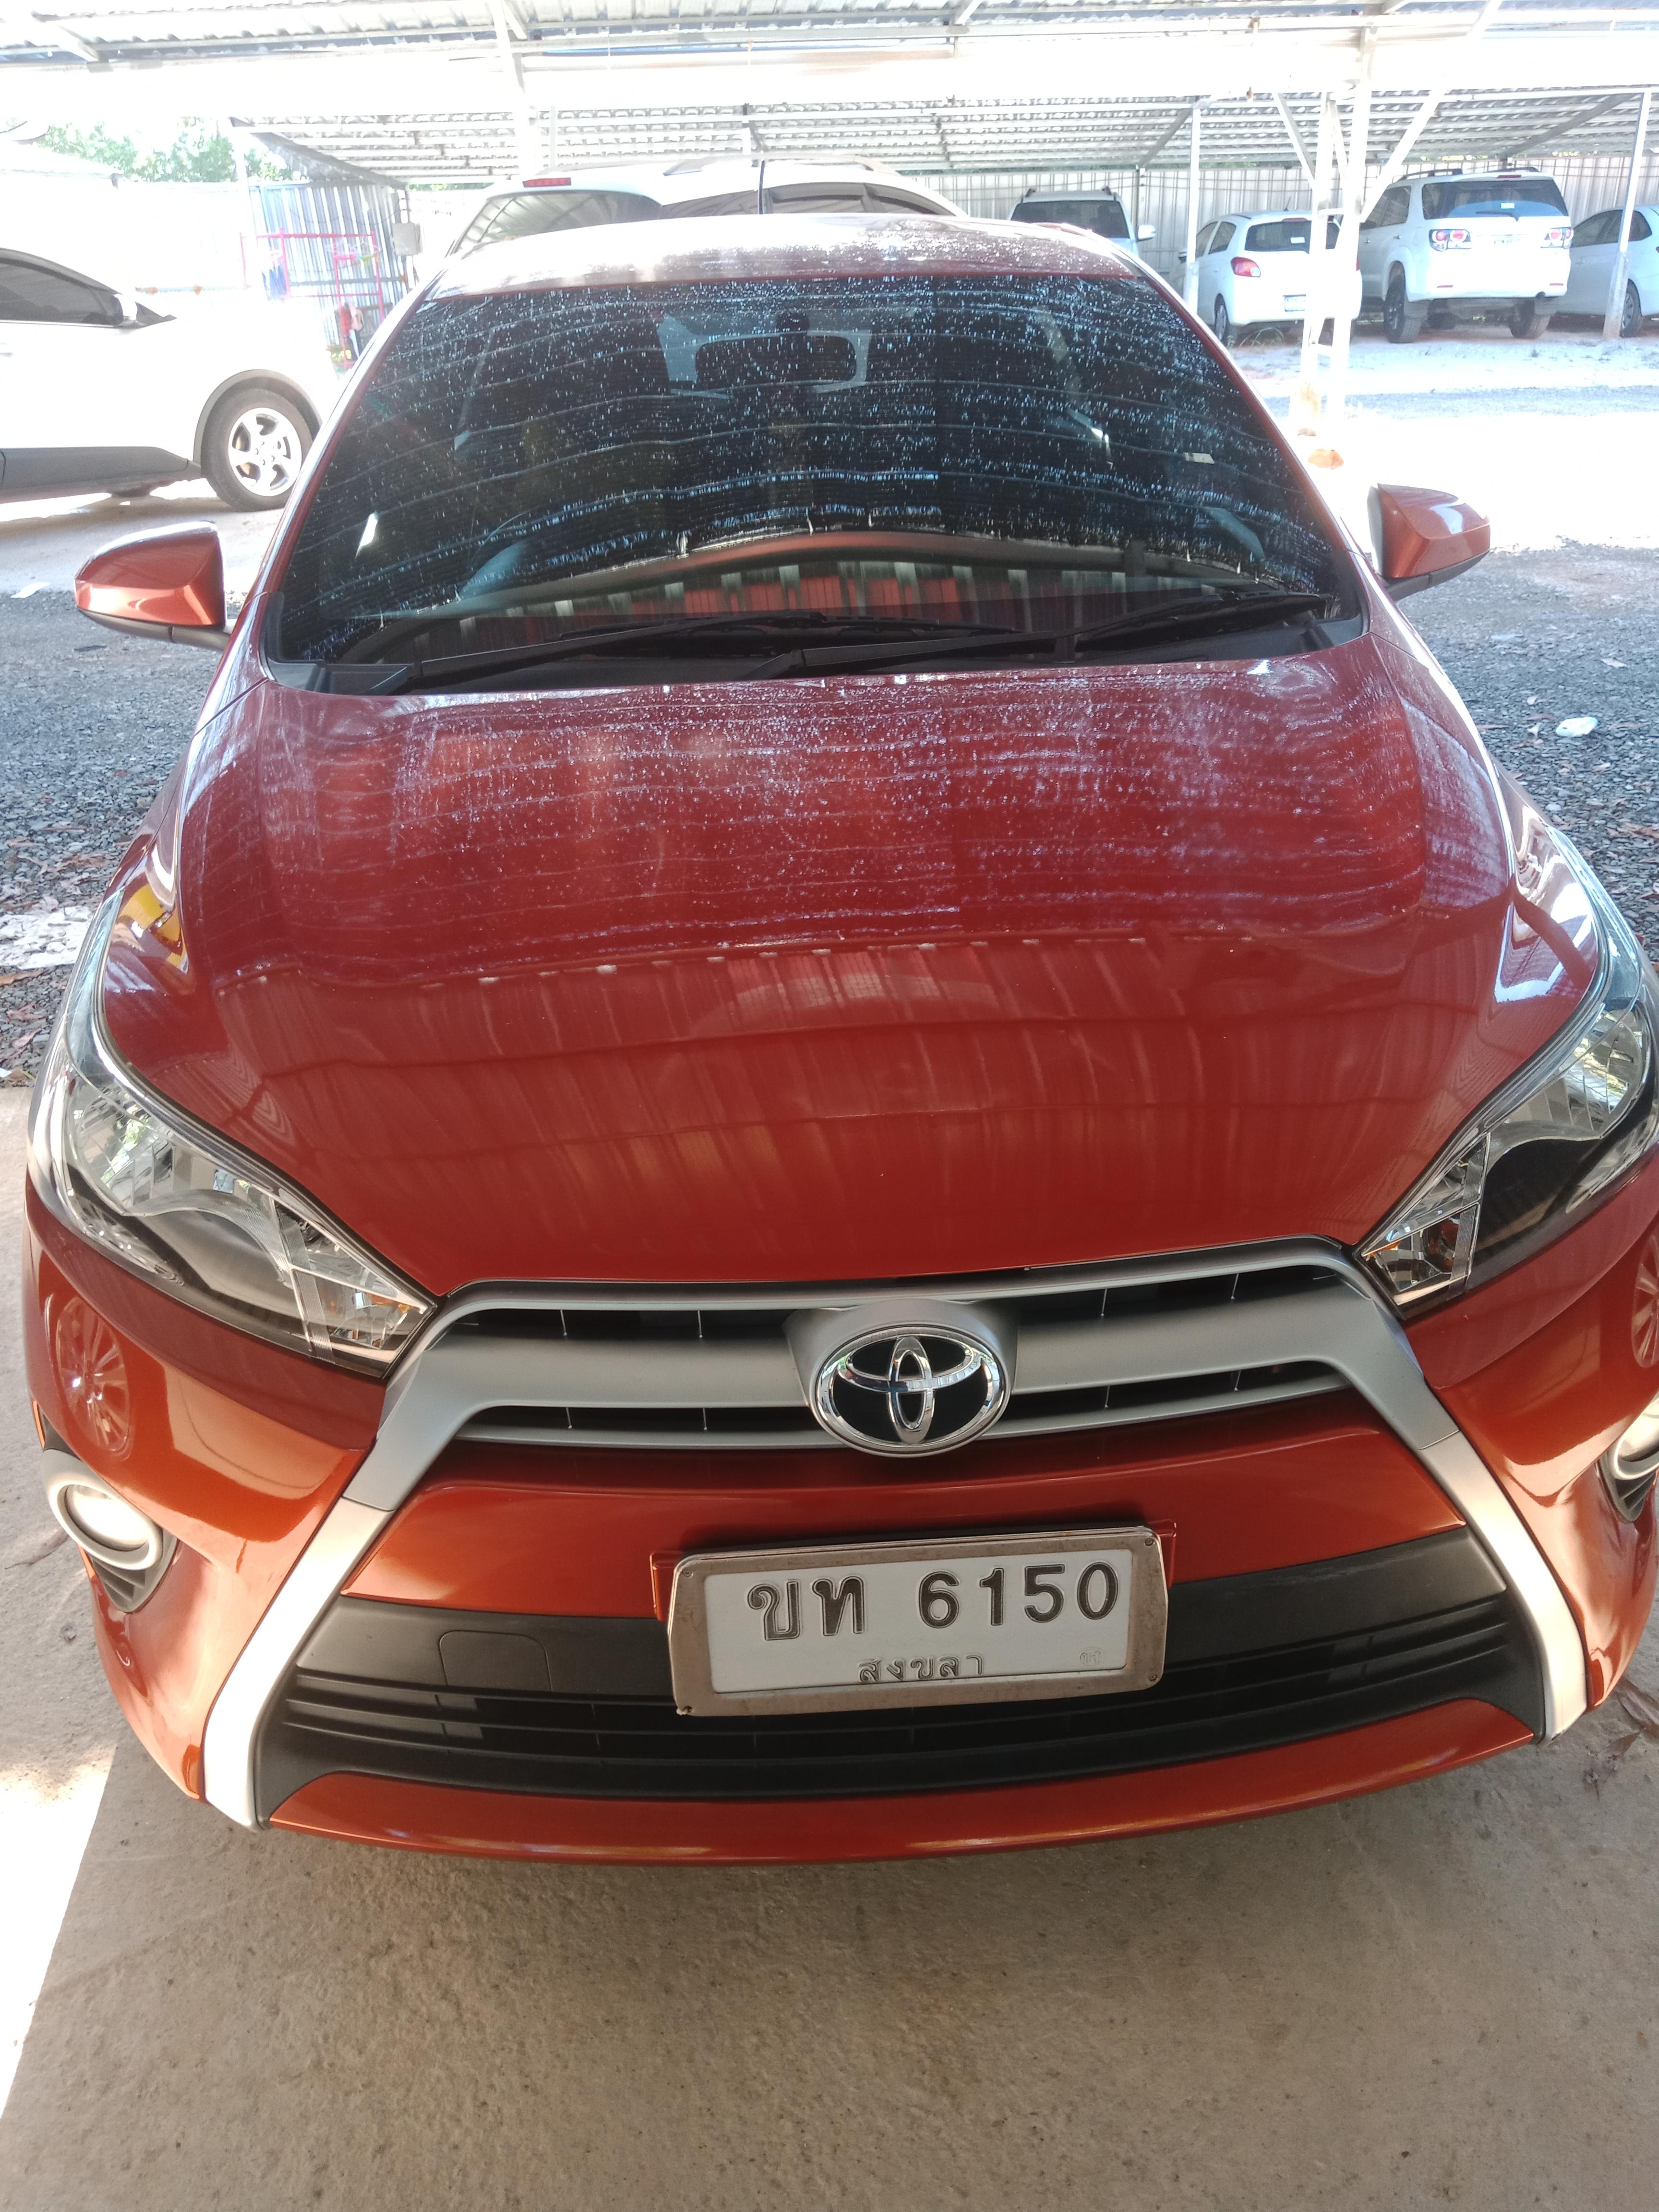 เช่ารถ รถเช่า ตรัง Toyota Yaris 2016